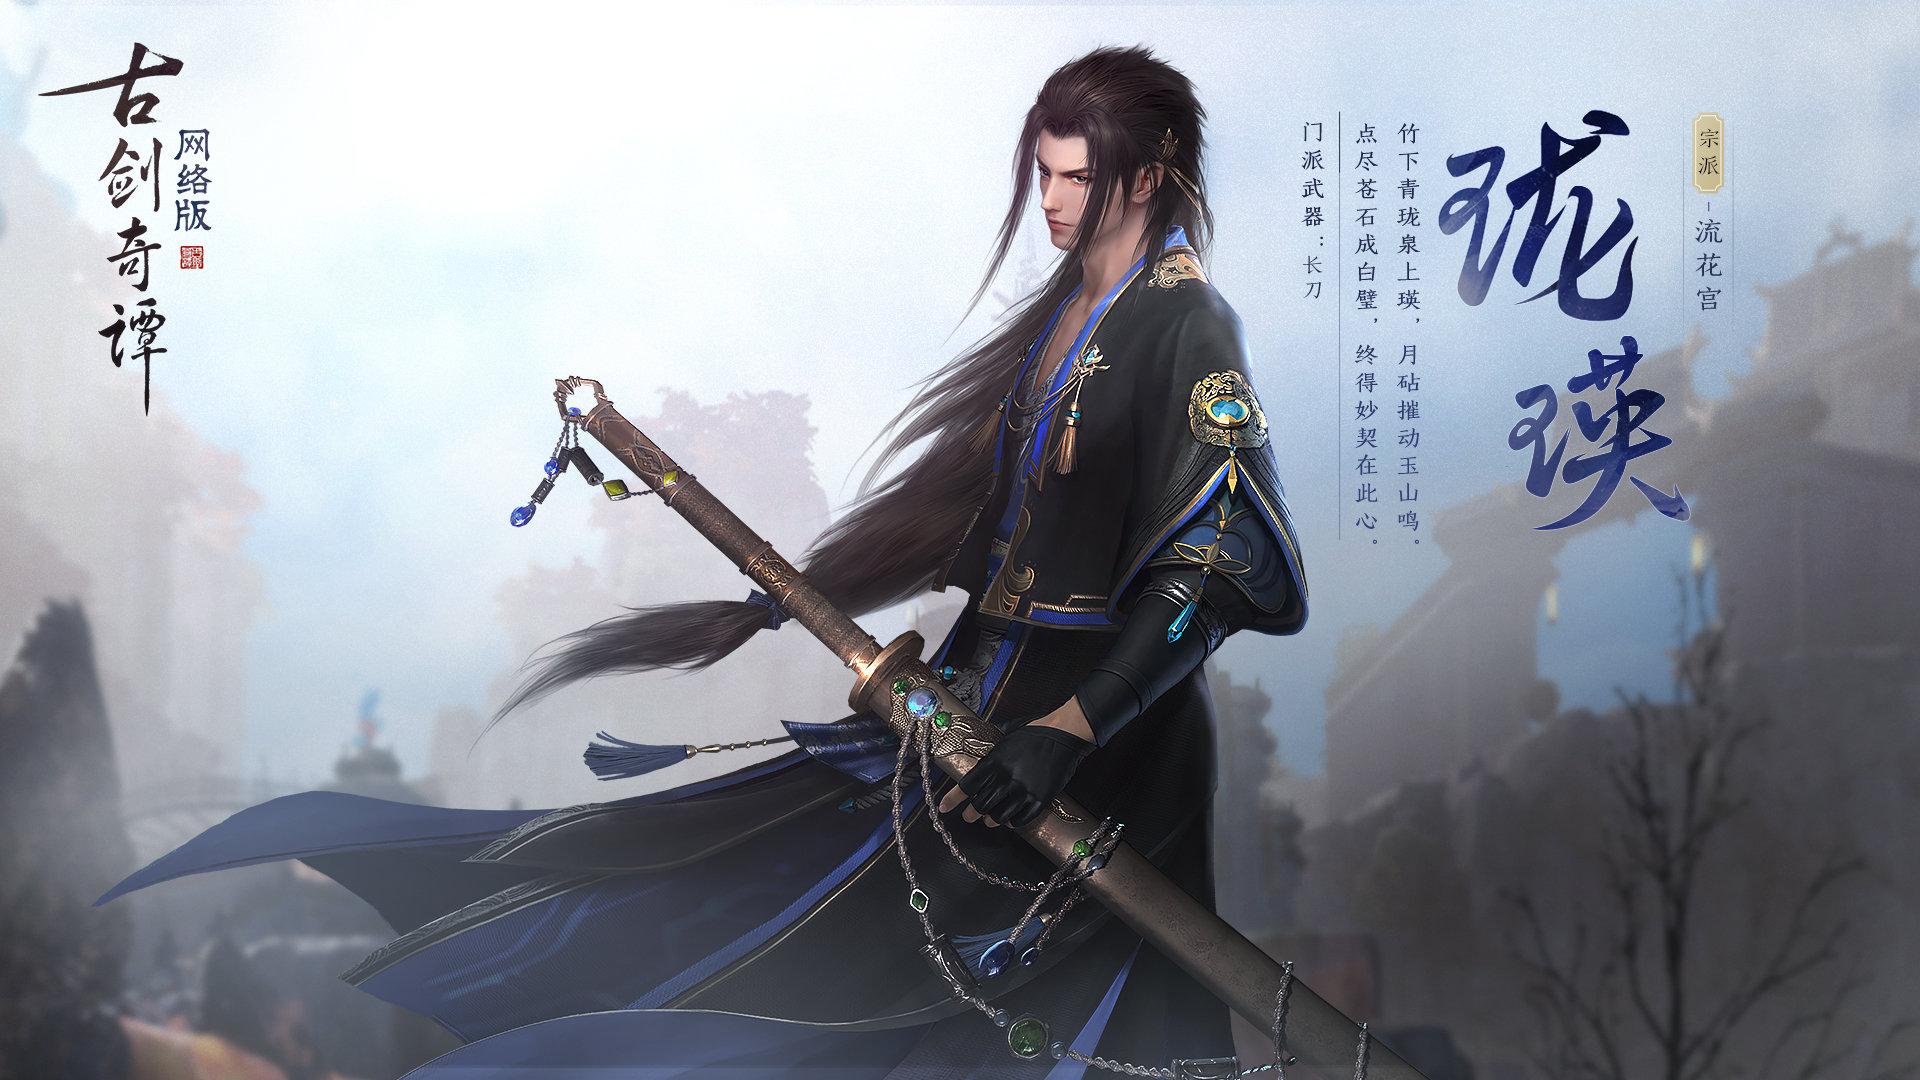 《古剑奇谭网络版》将登陆WeGame 7月11日公测